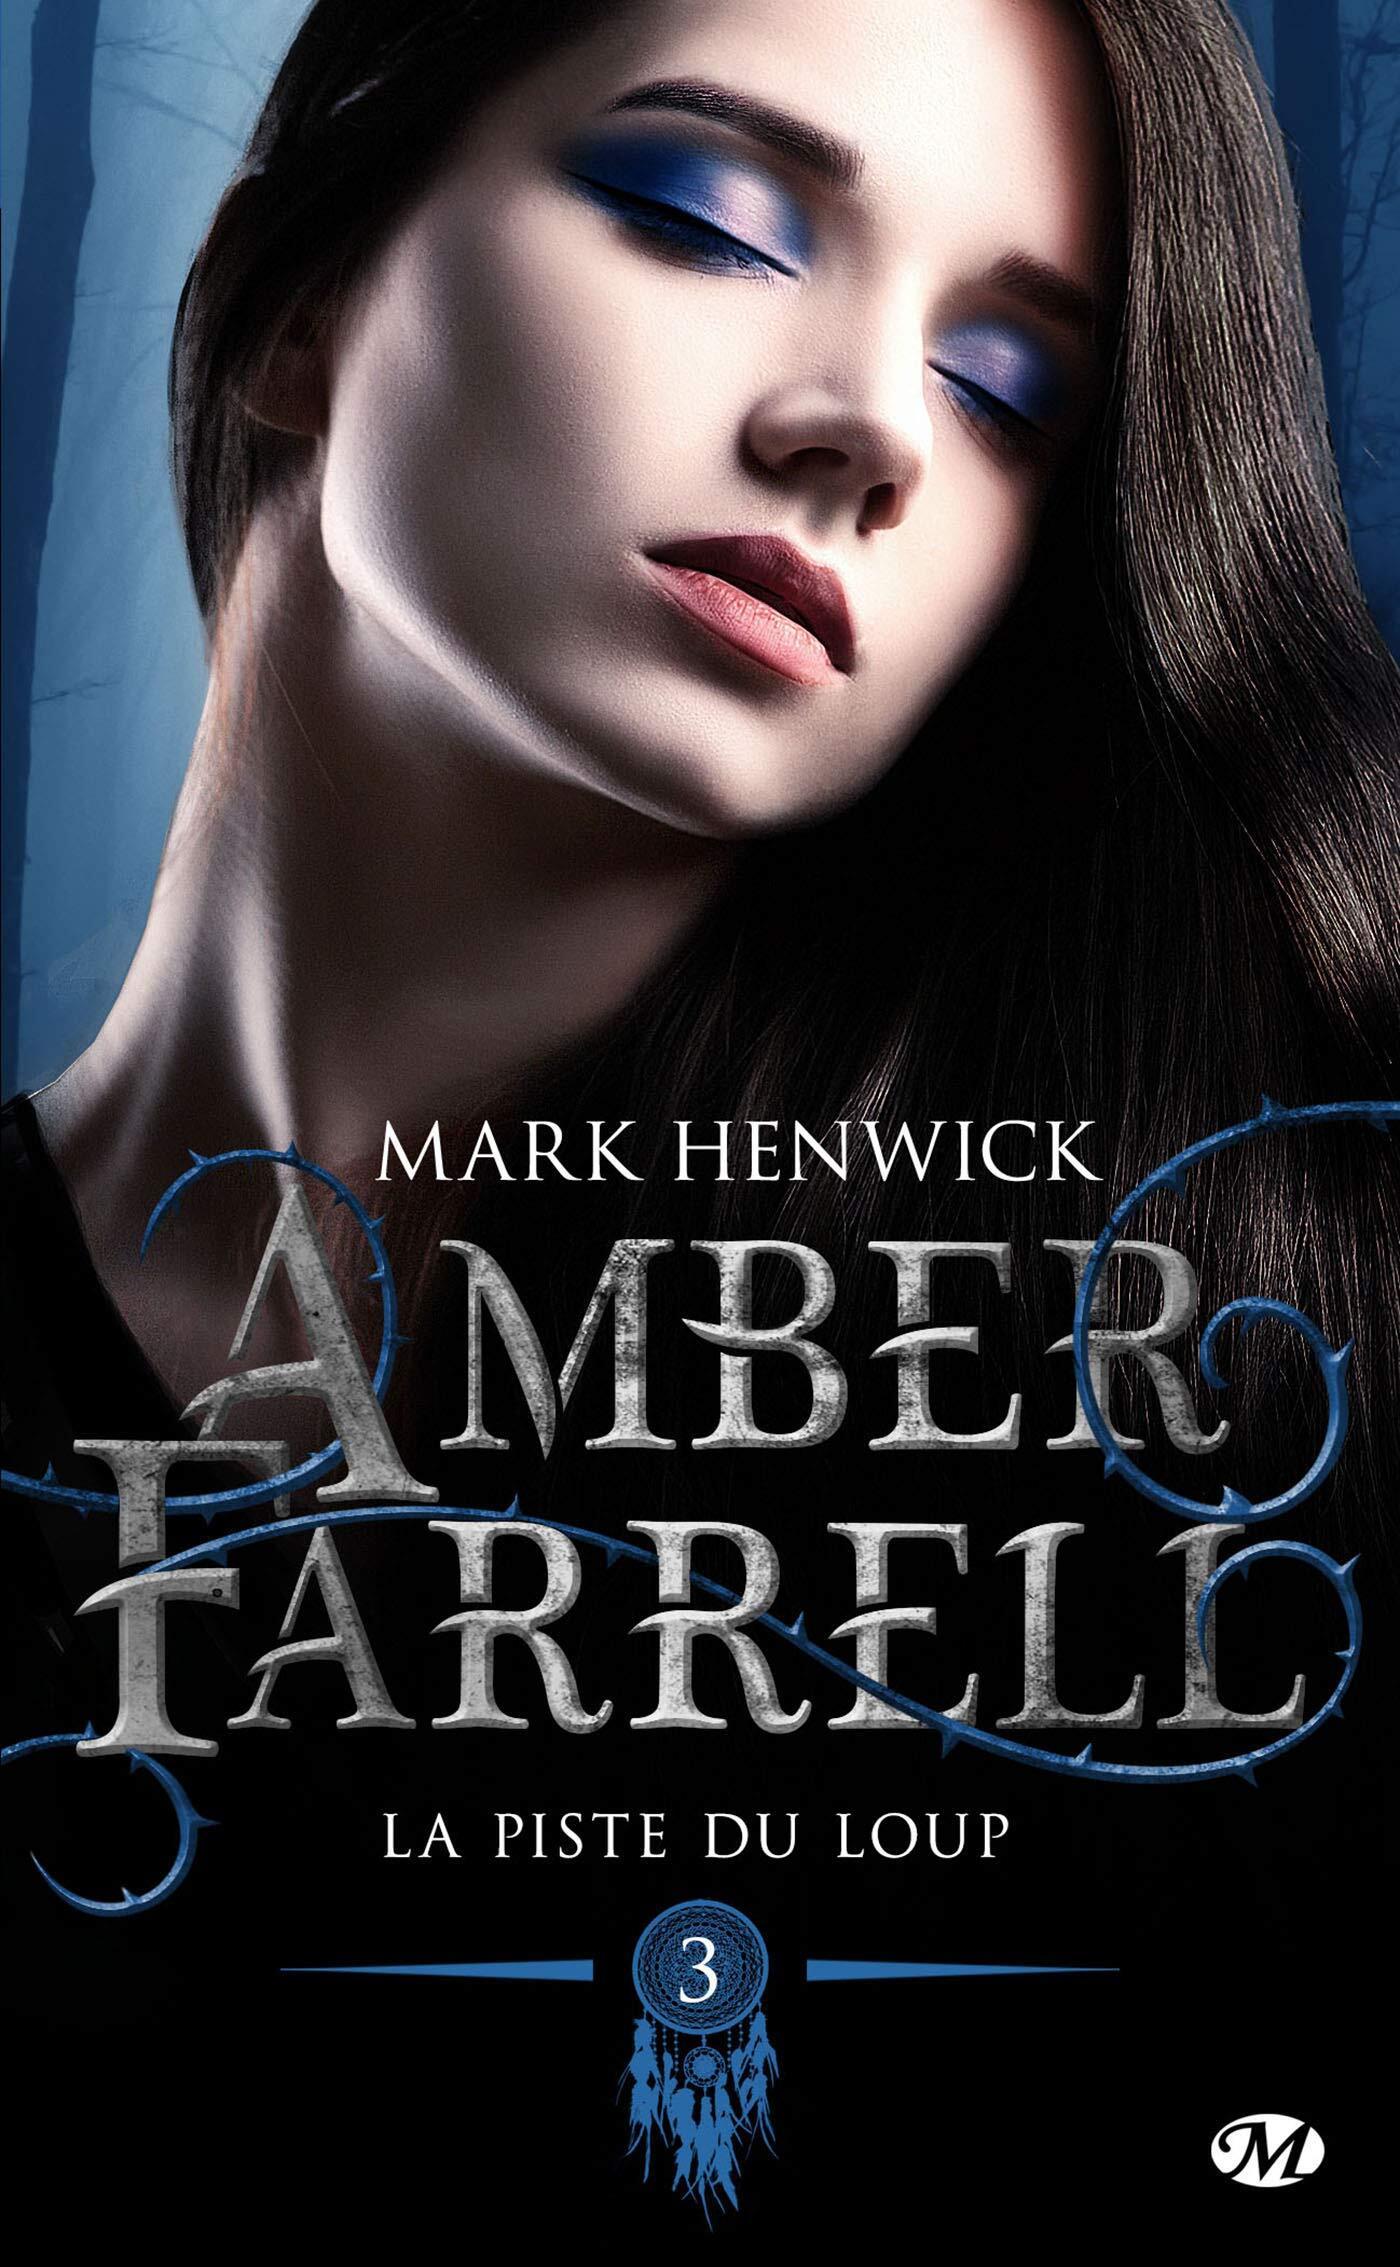 cdn1.booknode.com/book_cover/1107/full/amber-farrell-tome-3-la-piste-du-loup-1106556.jpg